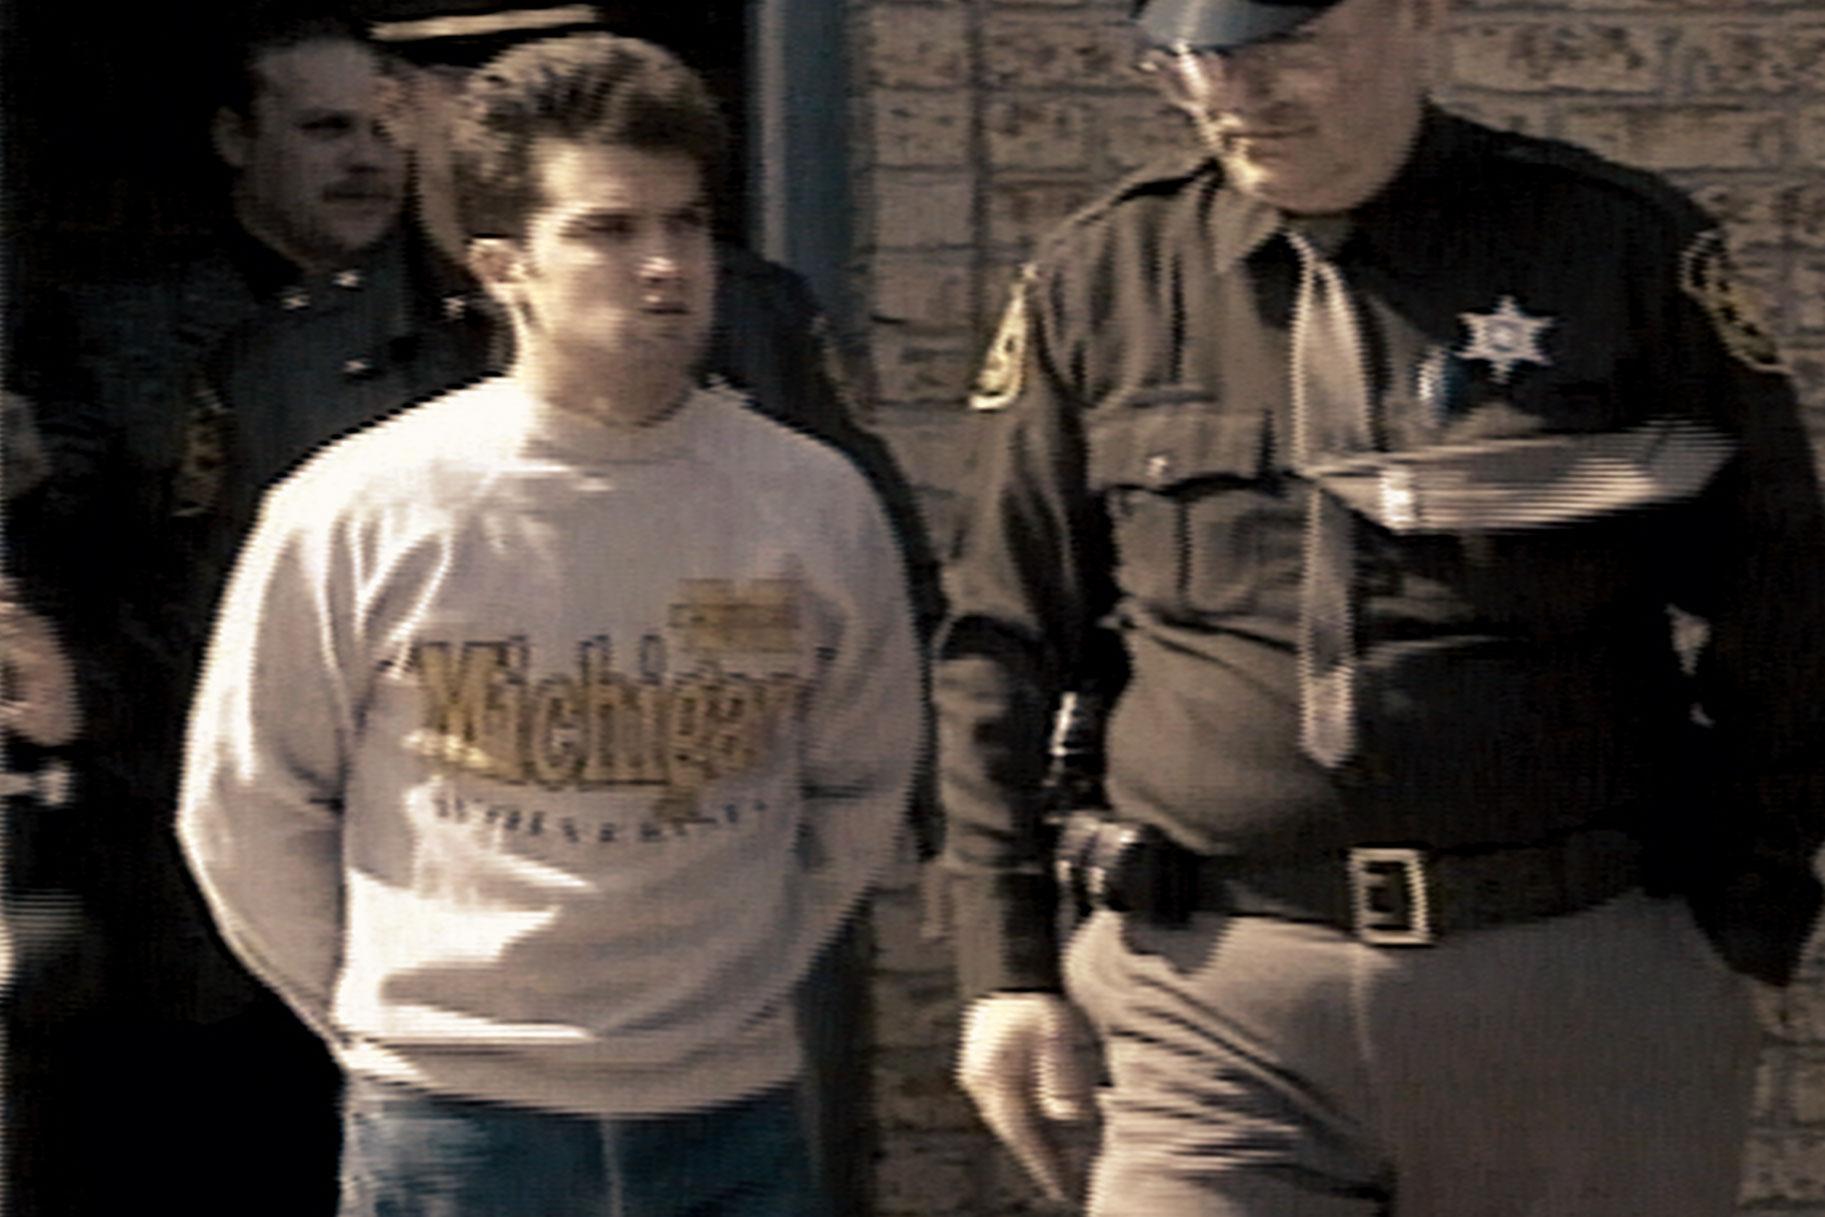 Jonathan Schmitz Membunuh Seorang Lelaki Kerana Mendedahkan Neraka Pada Dia - Di Mana Dia Sekarang?